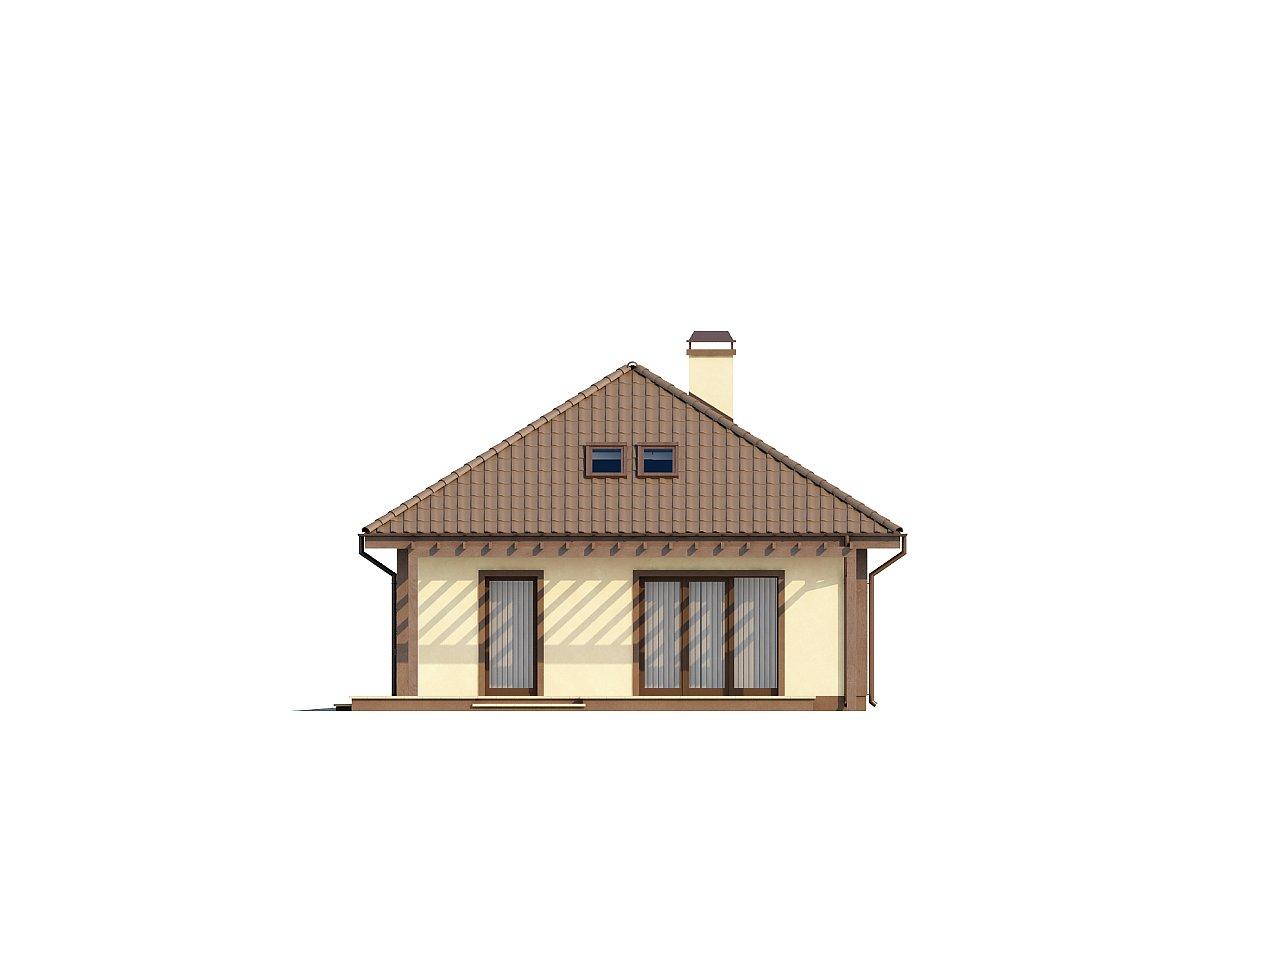 Просторный дом в традиционном стиле с двумя спальнями на мансарде. 6